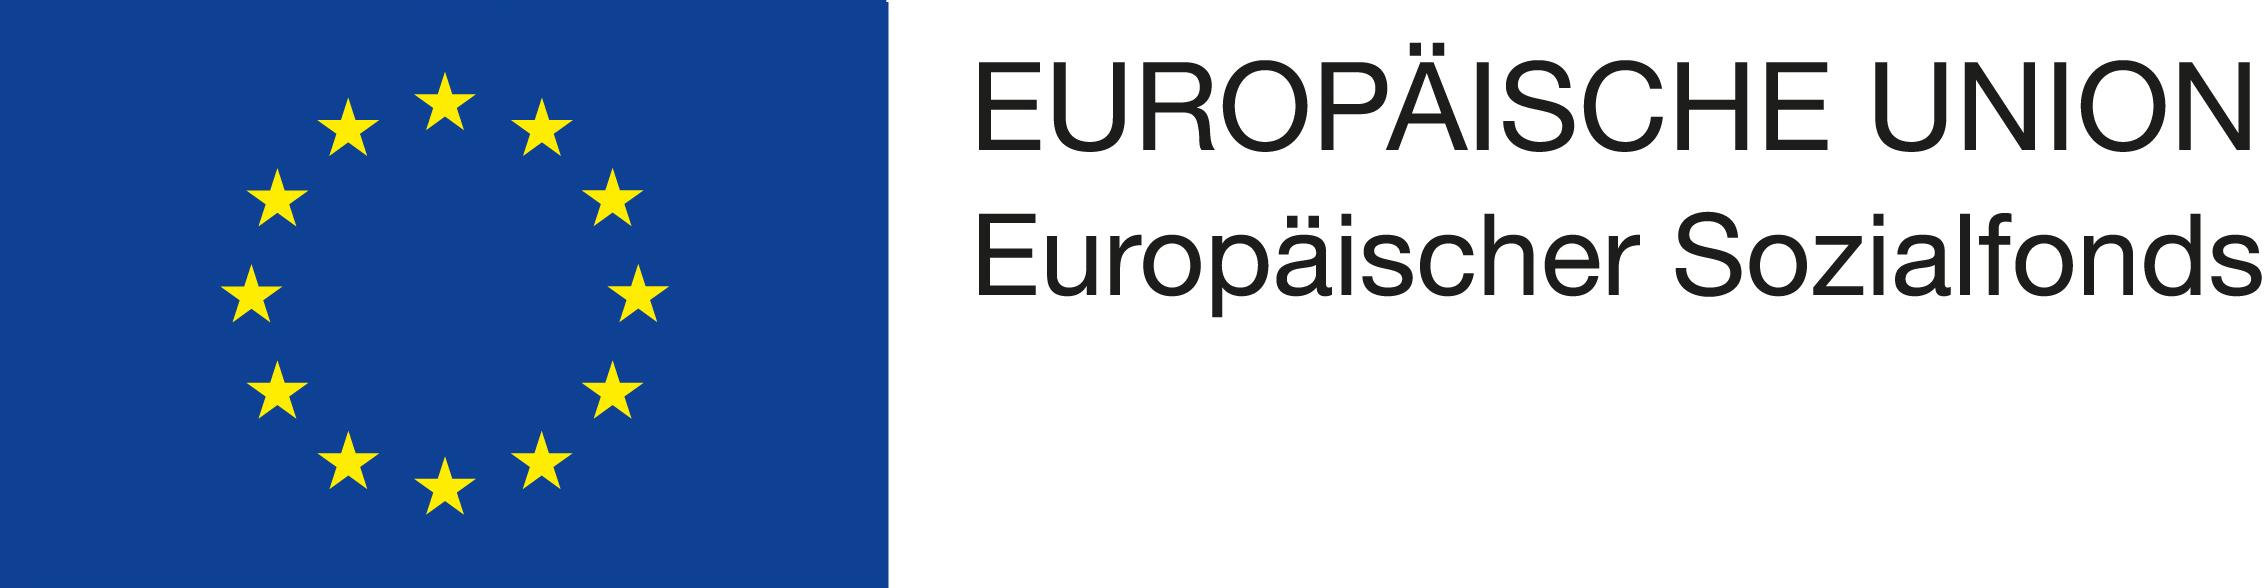 Wir beschäftigen Werkstudierende im Rahmen des Förderprogrammes, Brandenburger Innovationsfachkräfte (2019-2022). Ziel ist die Entwicklung innovativer Beratungsprodukte und -formate auf der Grundlage wirtschaftsgeographischer Erkenntnisse und unter Berücksichtigung digitaler Möglichkeiten.